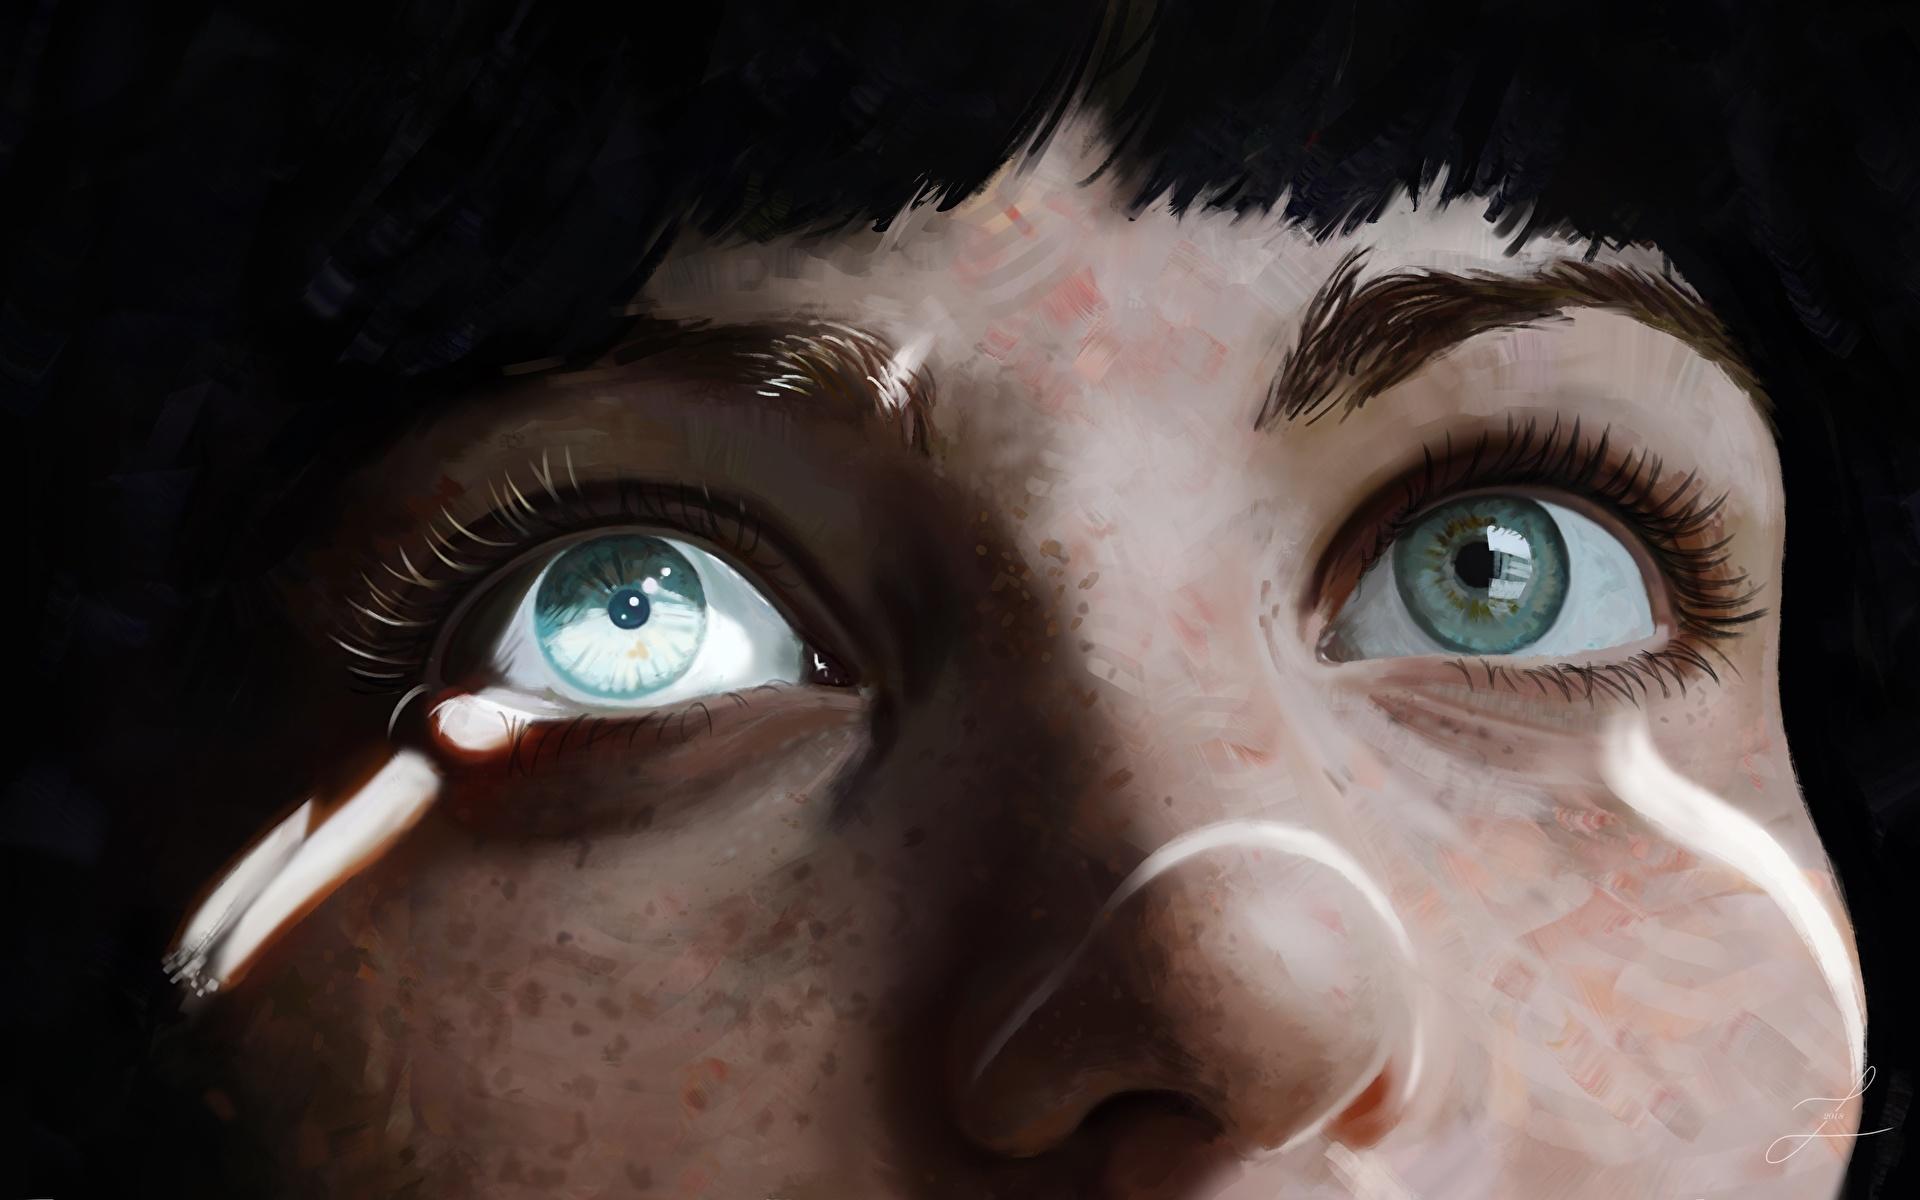 Desktop Hintergrundbilder Augen Nase Mädchens Gezeichnet Großansicht 1920x1200 junge frau junge Frauen hautnah Nahaufnahme